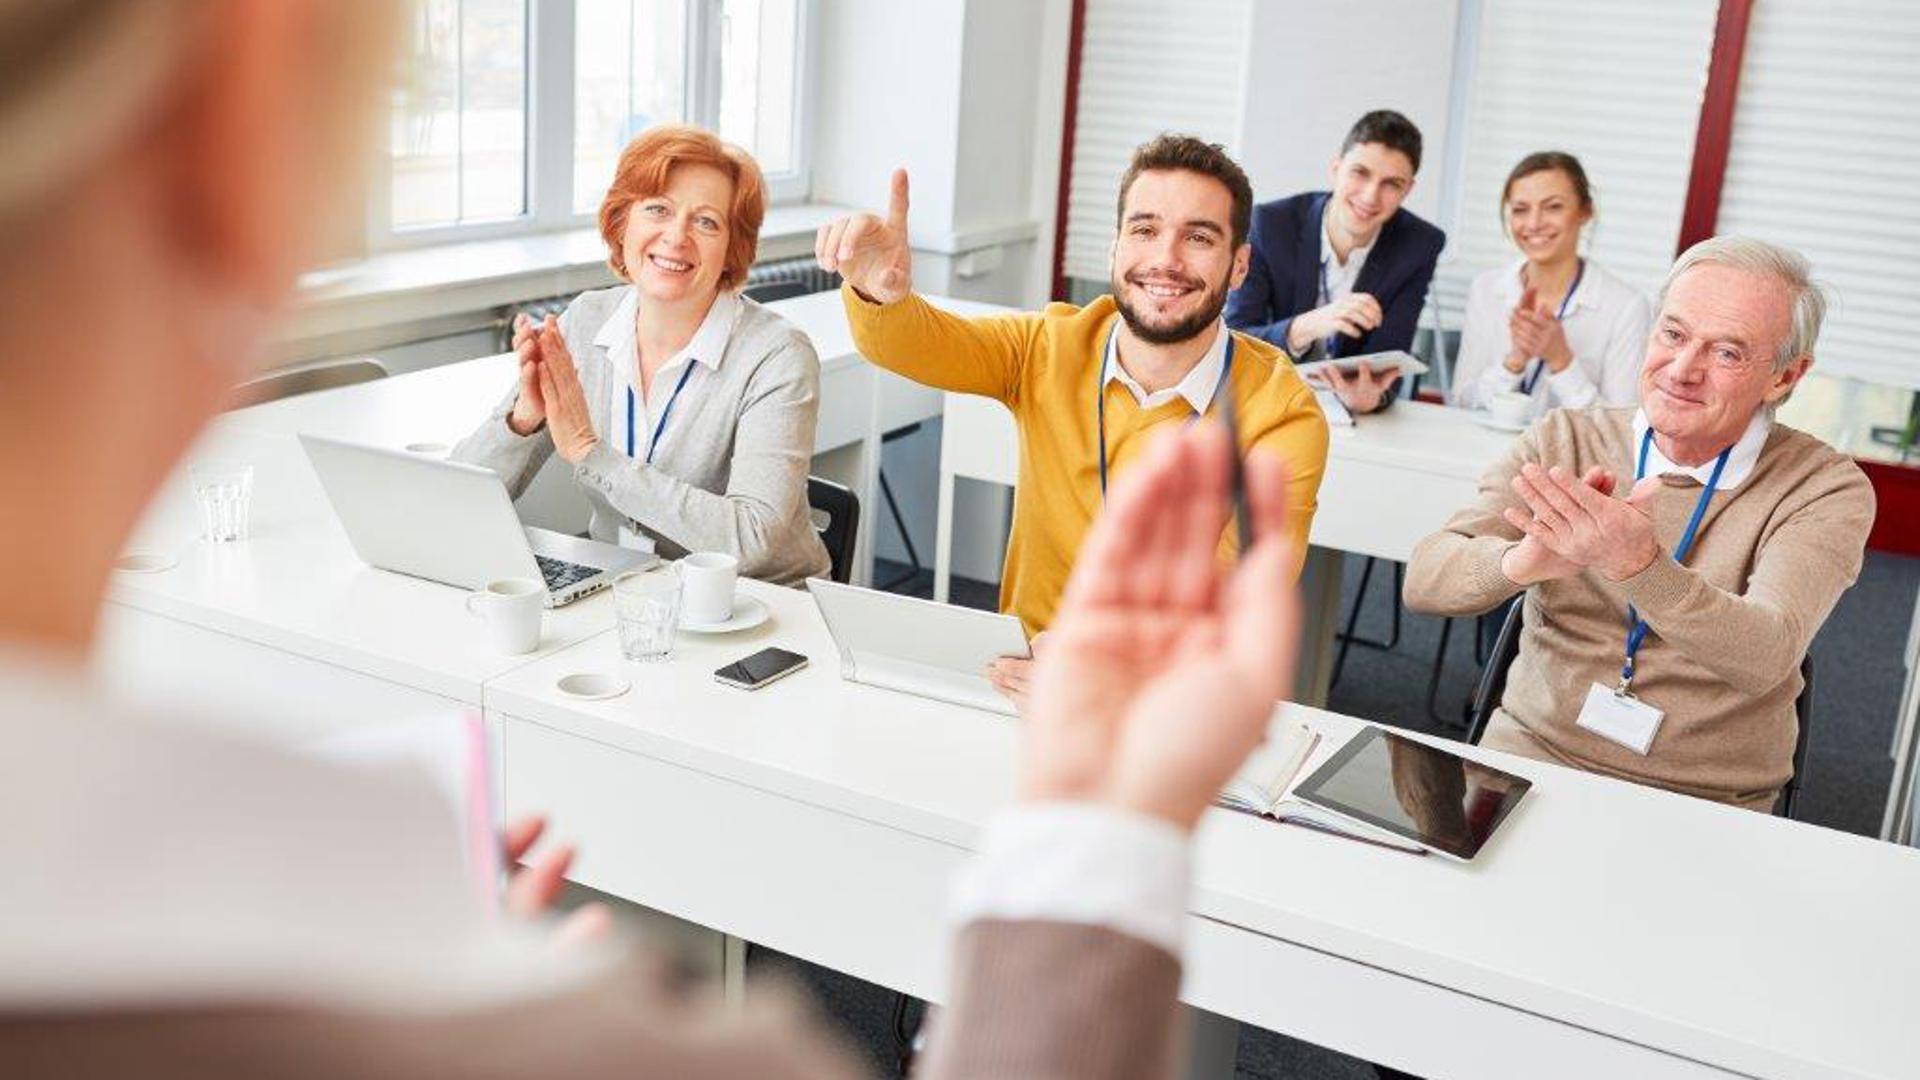 Bei Seminaren zu nebenberuflicher Weiterbildung treffen junge und erfahrenere Fachkräfte aufeinander, tauschen sich aus und erweitern ihre Karrierechancen.